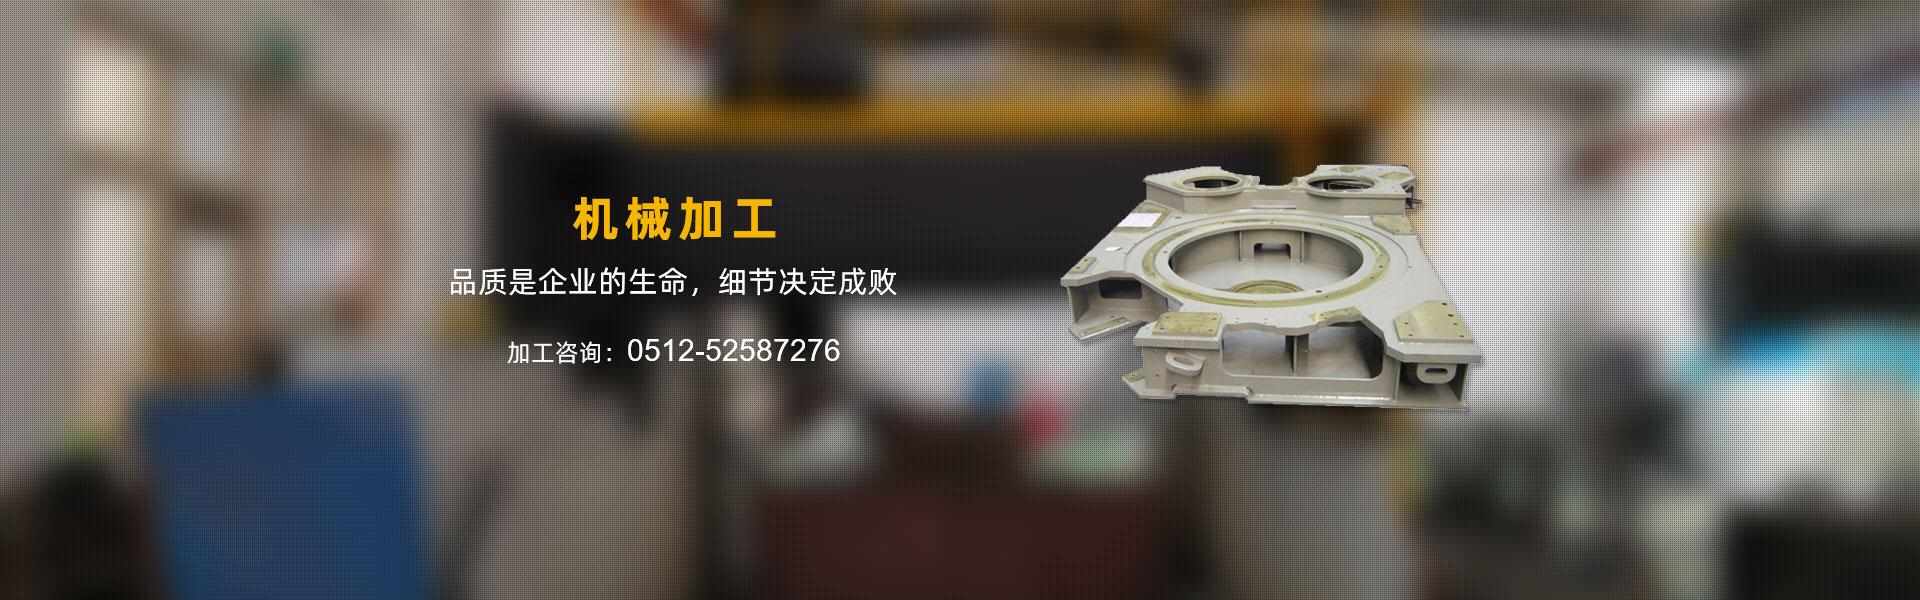 江苏yabovip210